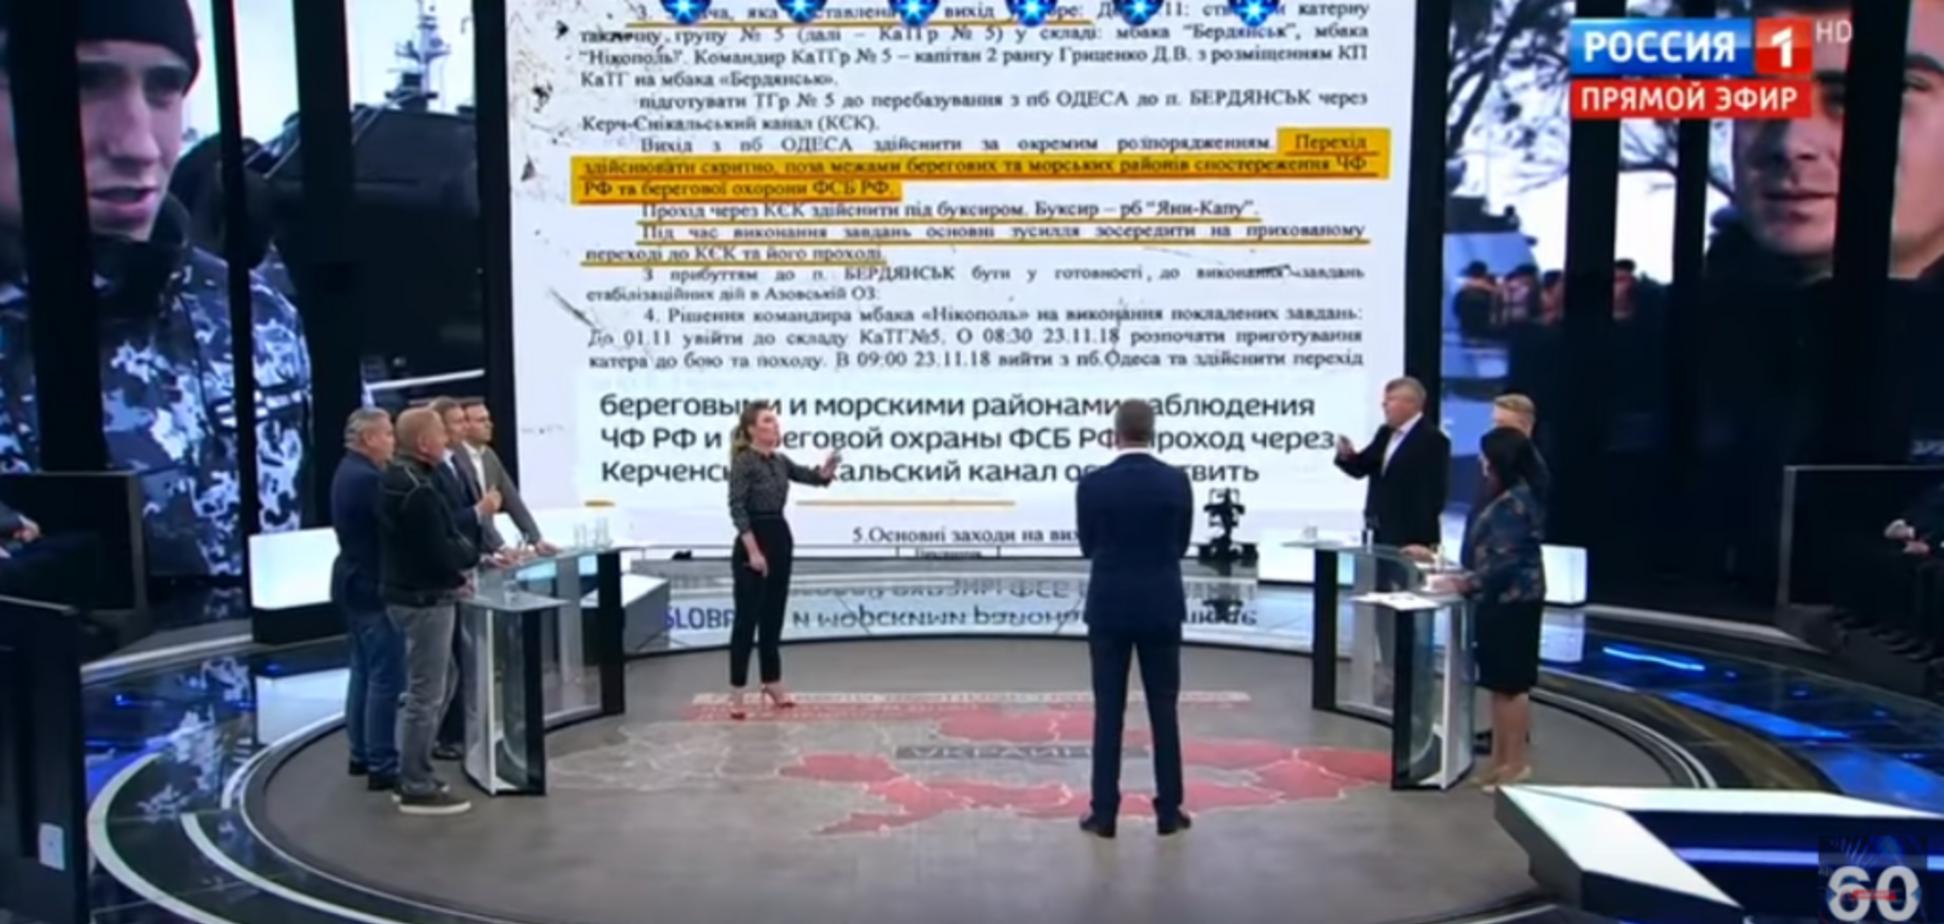 ''Нет такого слова'': на росТВ прокололись с фейковым приказом Порошенко